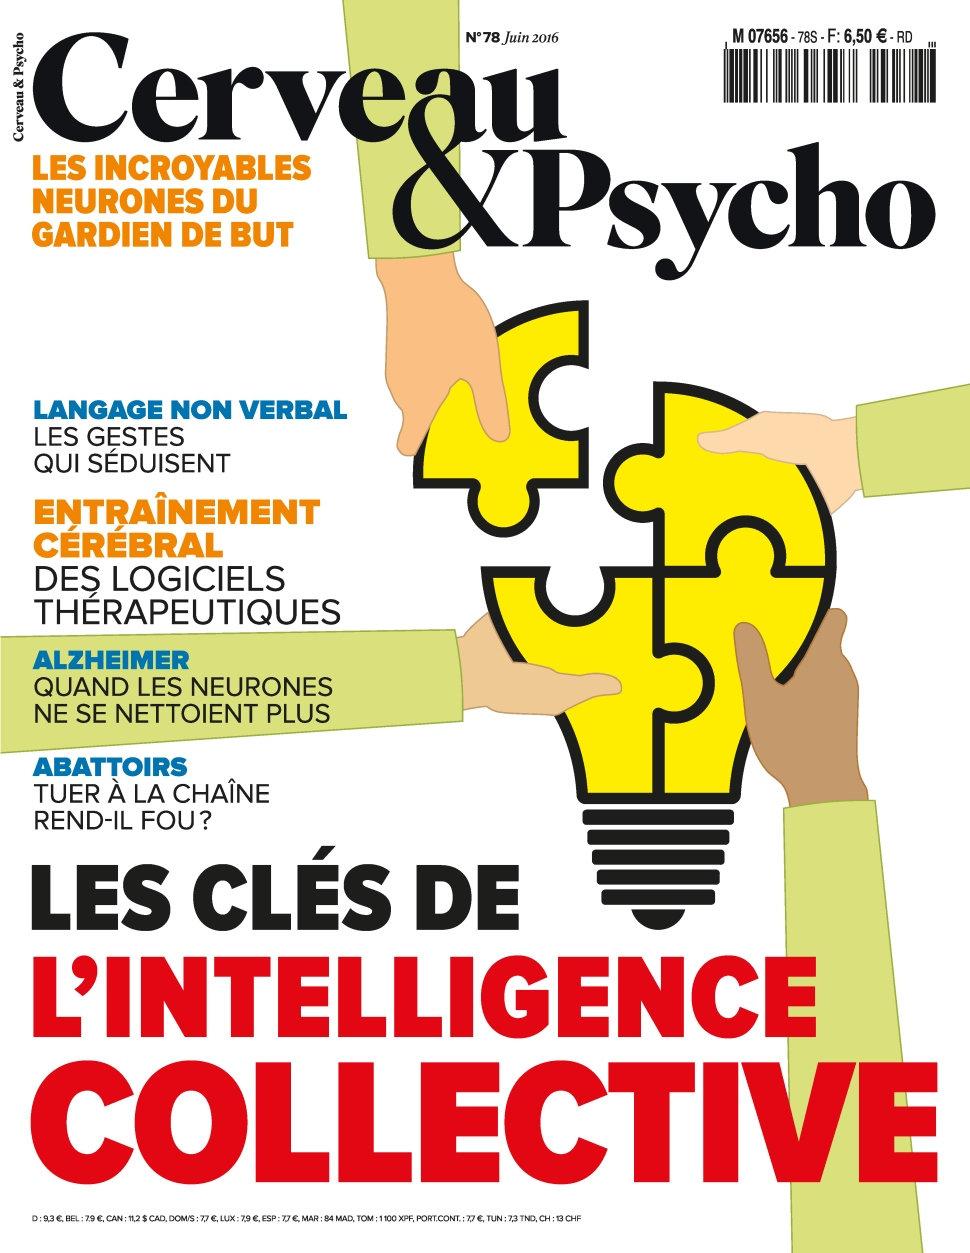 Cerveau & Psycho N°78 - Juin 2016